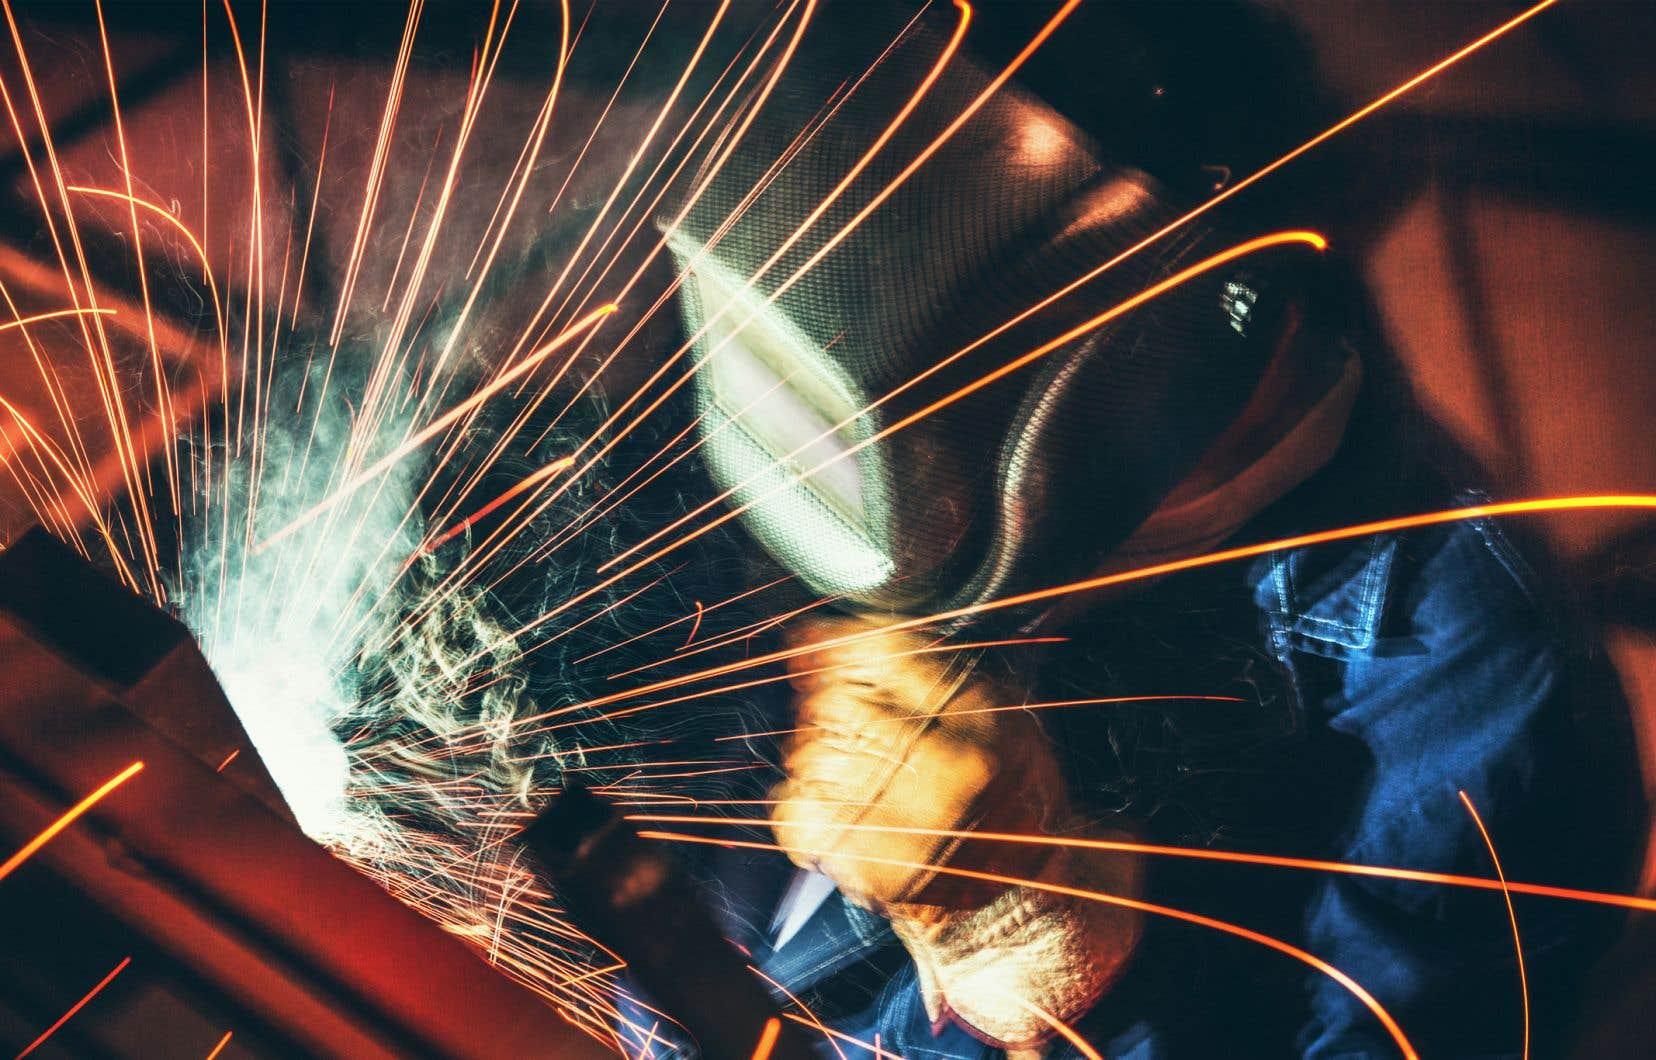 Au mois de septembre, le spécialiste des charpentes métalliques avait notamment annoncé avoir décroché deux contrats aux États-Unis, ce qui a eu une incidence positive de 102millions sur ses recettes trimestrielles.